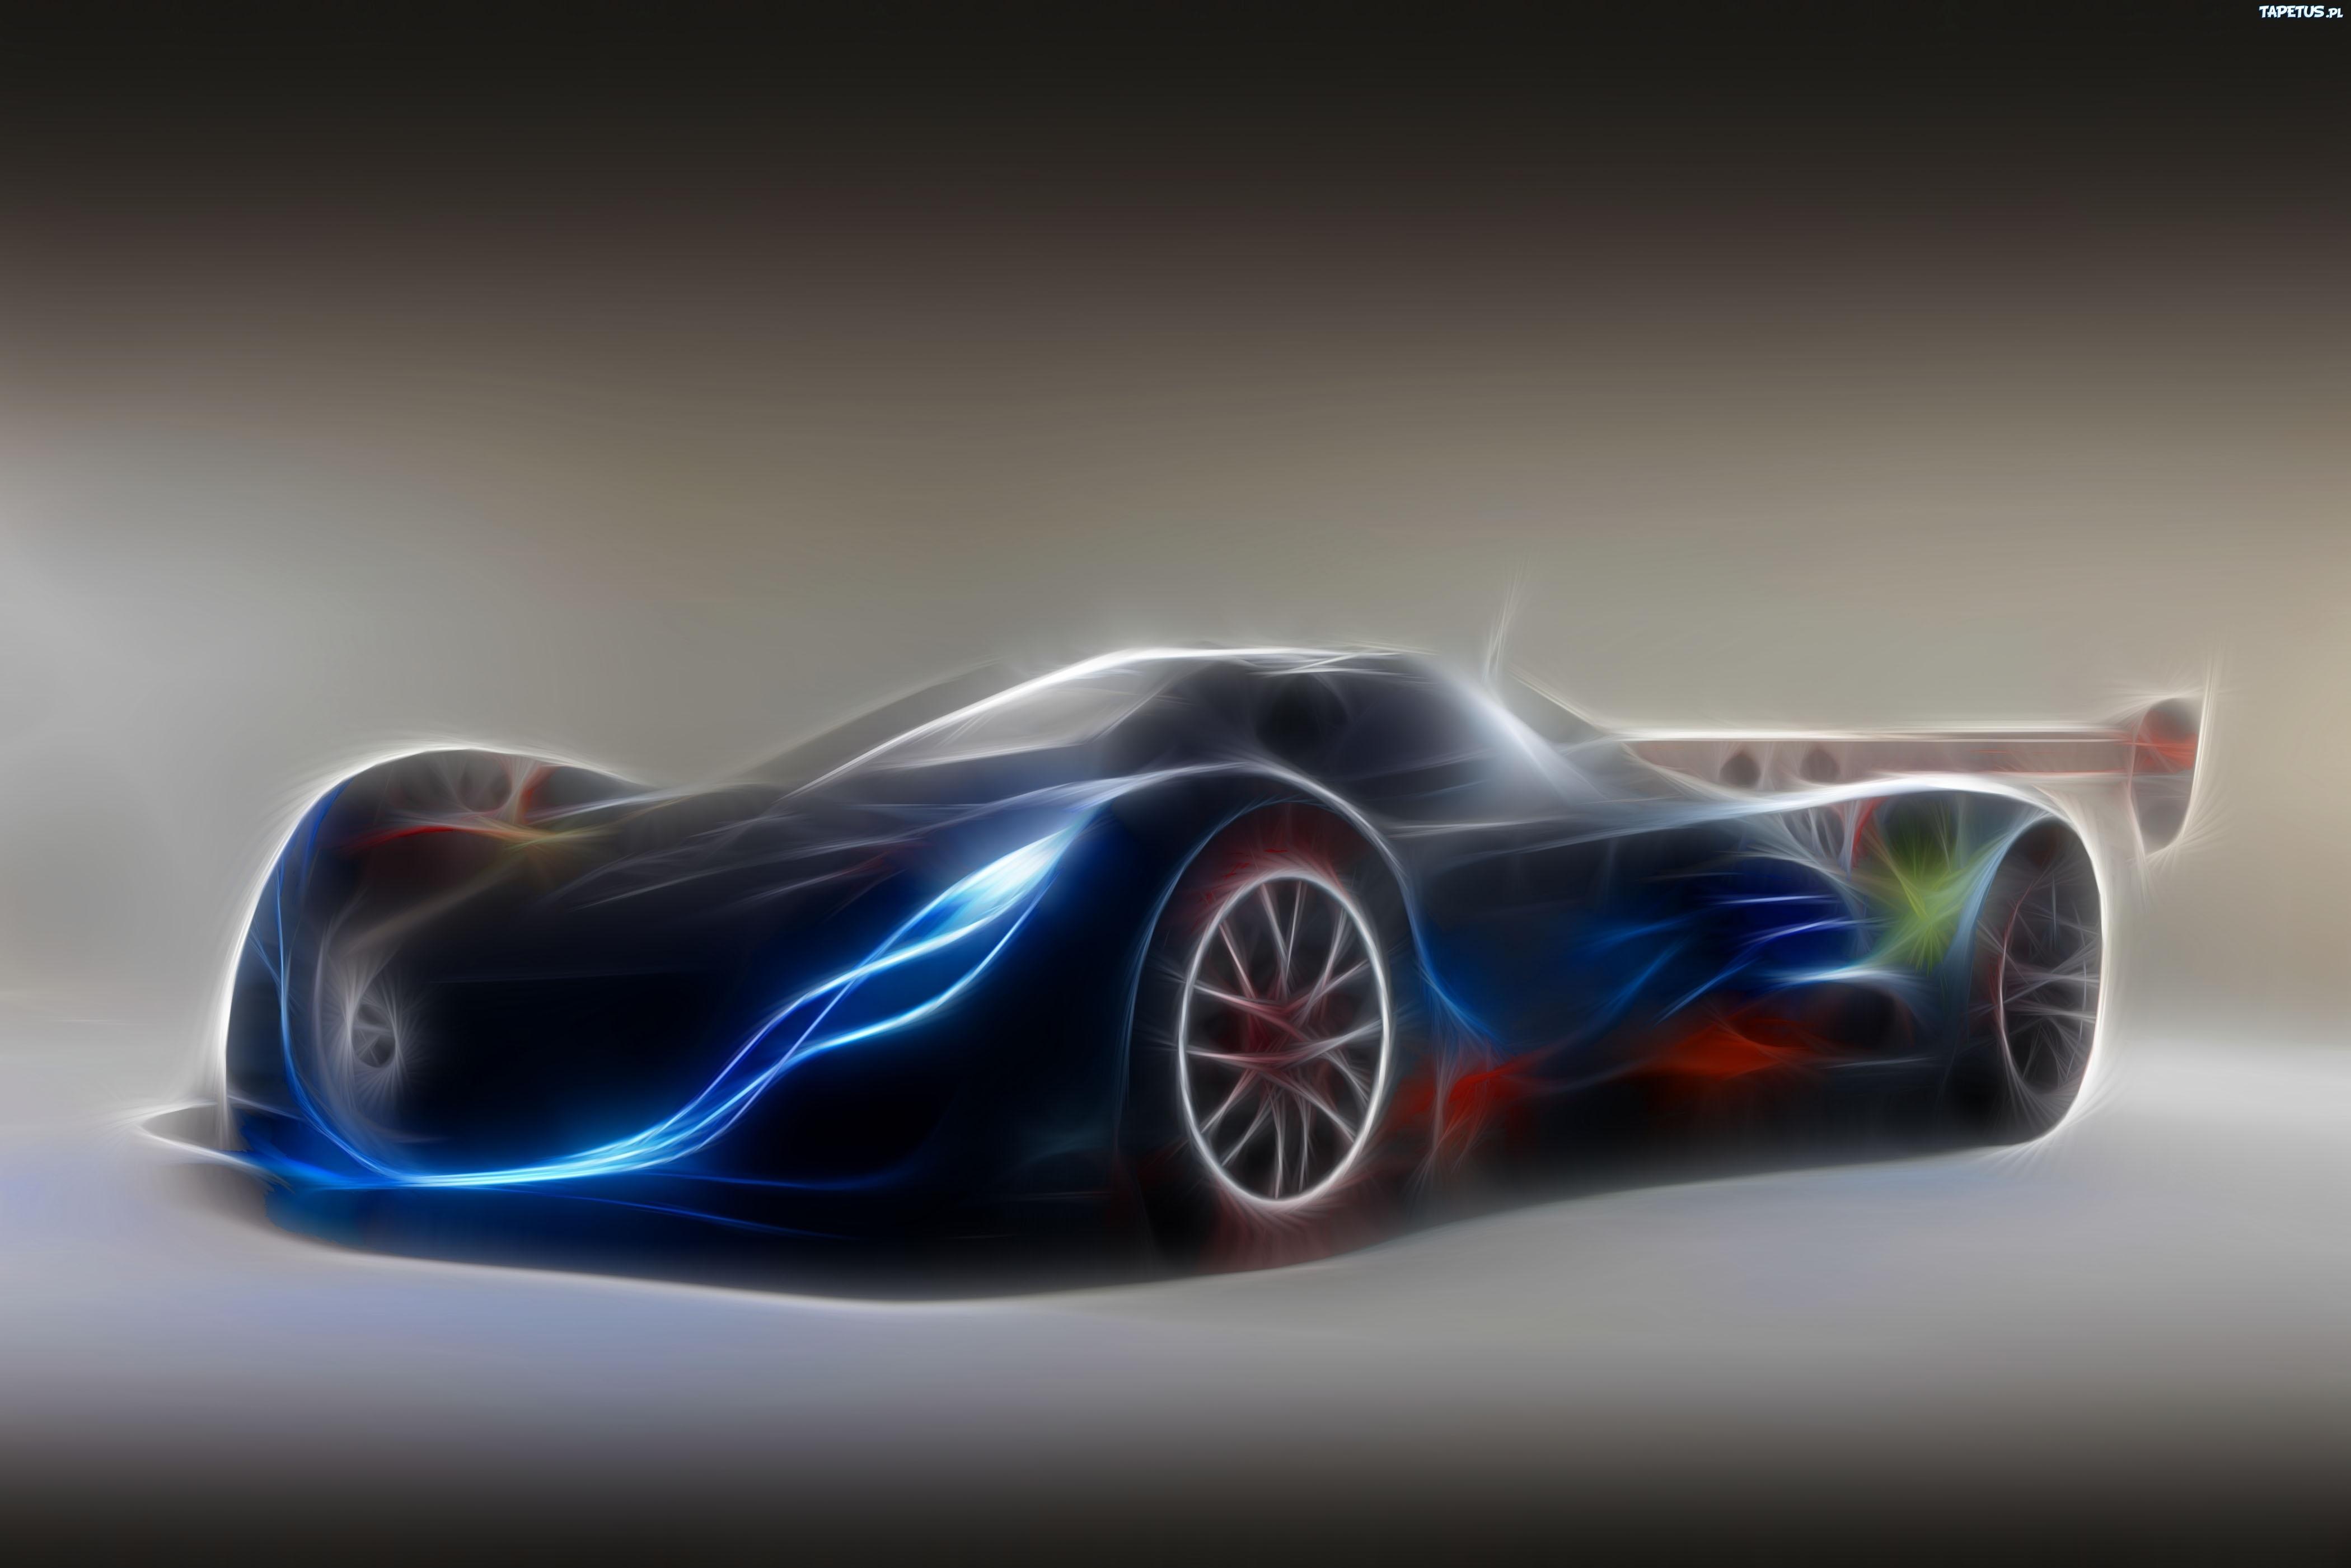 Mazda Furai Vehículos Supercars Hd Fondos De Pantalla: Mazda, Furai, Fractalius